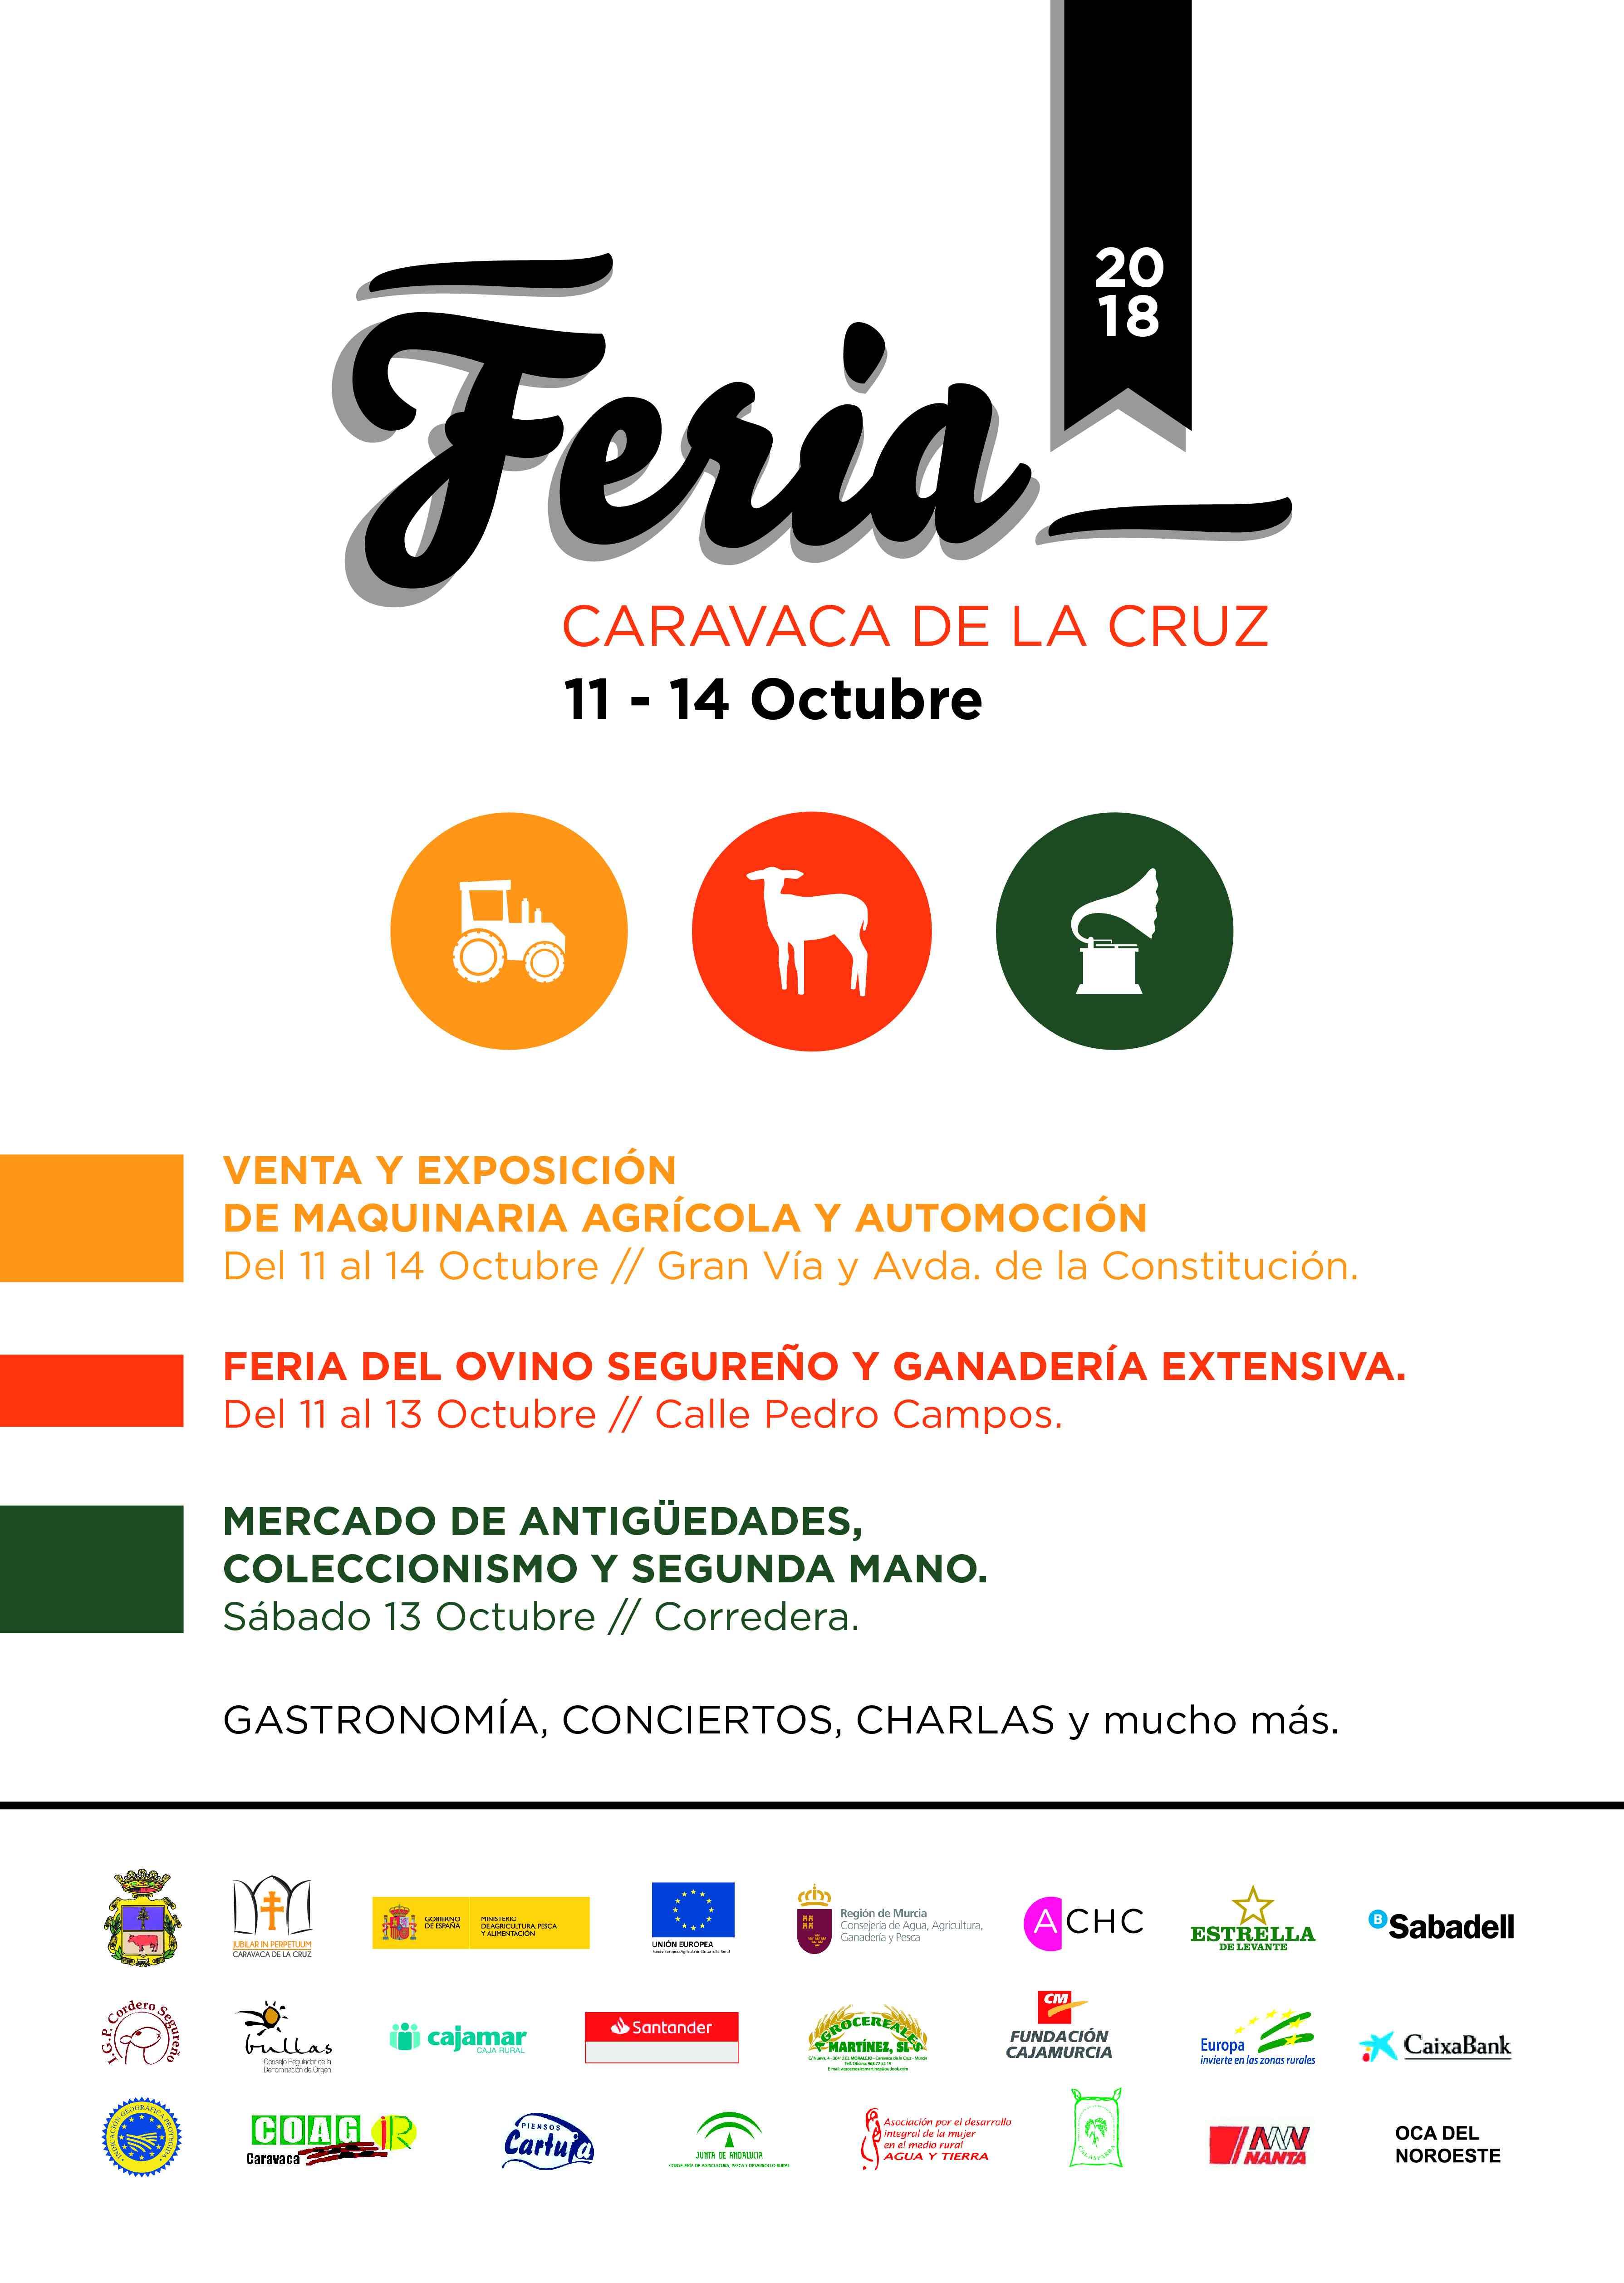 La Feria De Caravaca Se Celebra Del 11 Al 14 De Octubre Con Actividades Para Todos Los Publicos